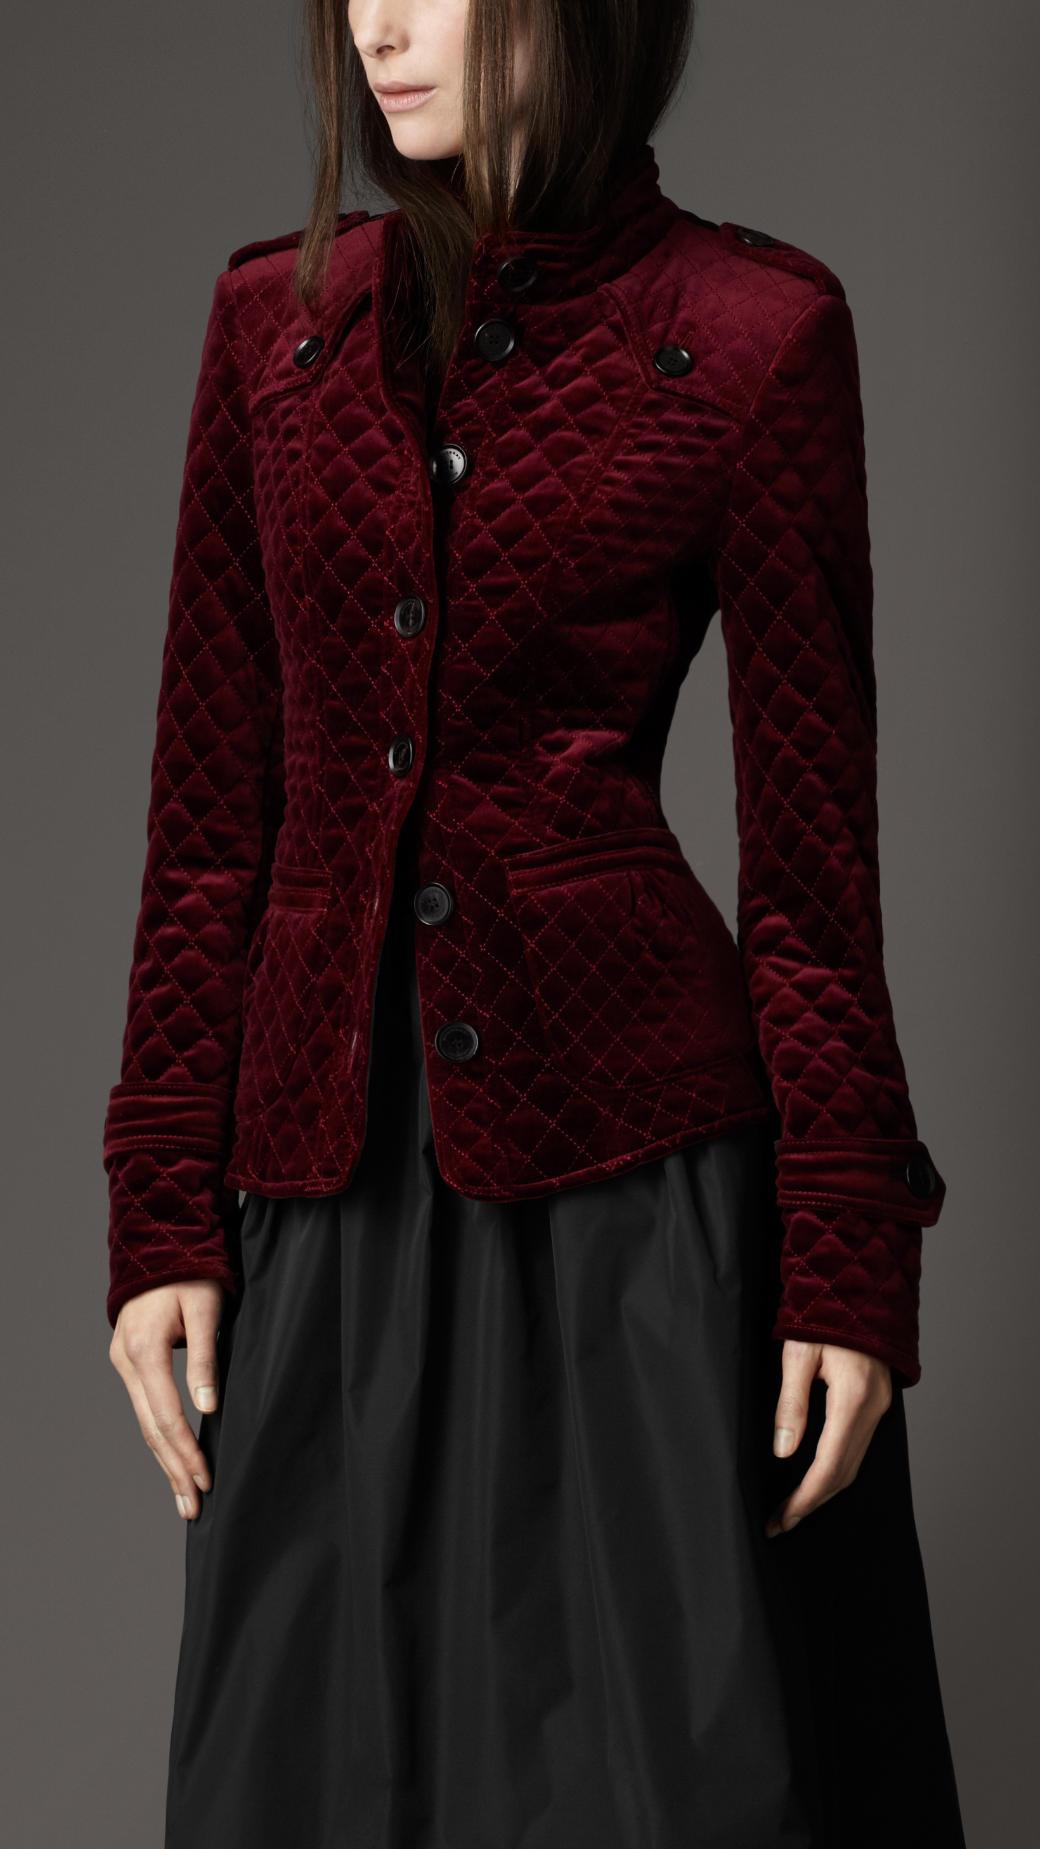 Burberry Multiquilt Velvet Jacket In Red Lyst